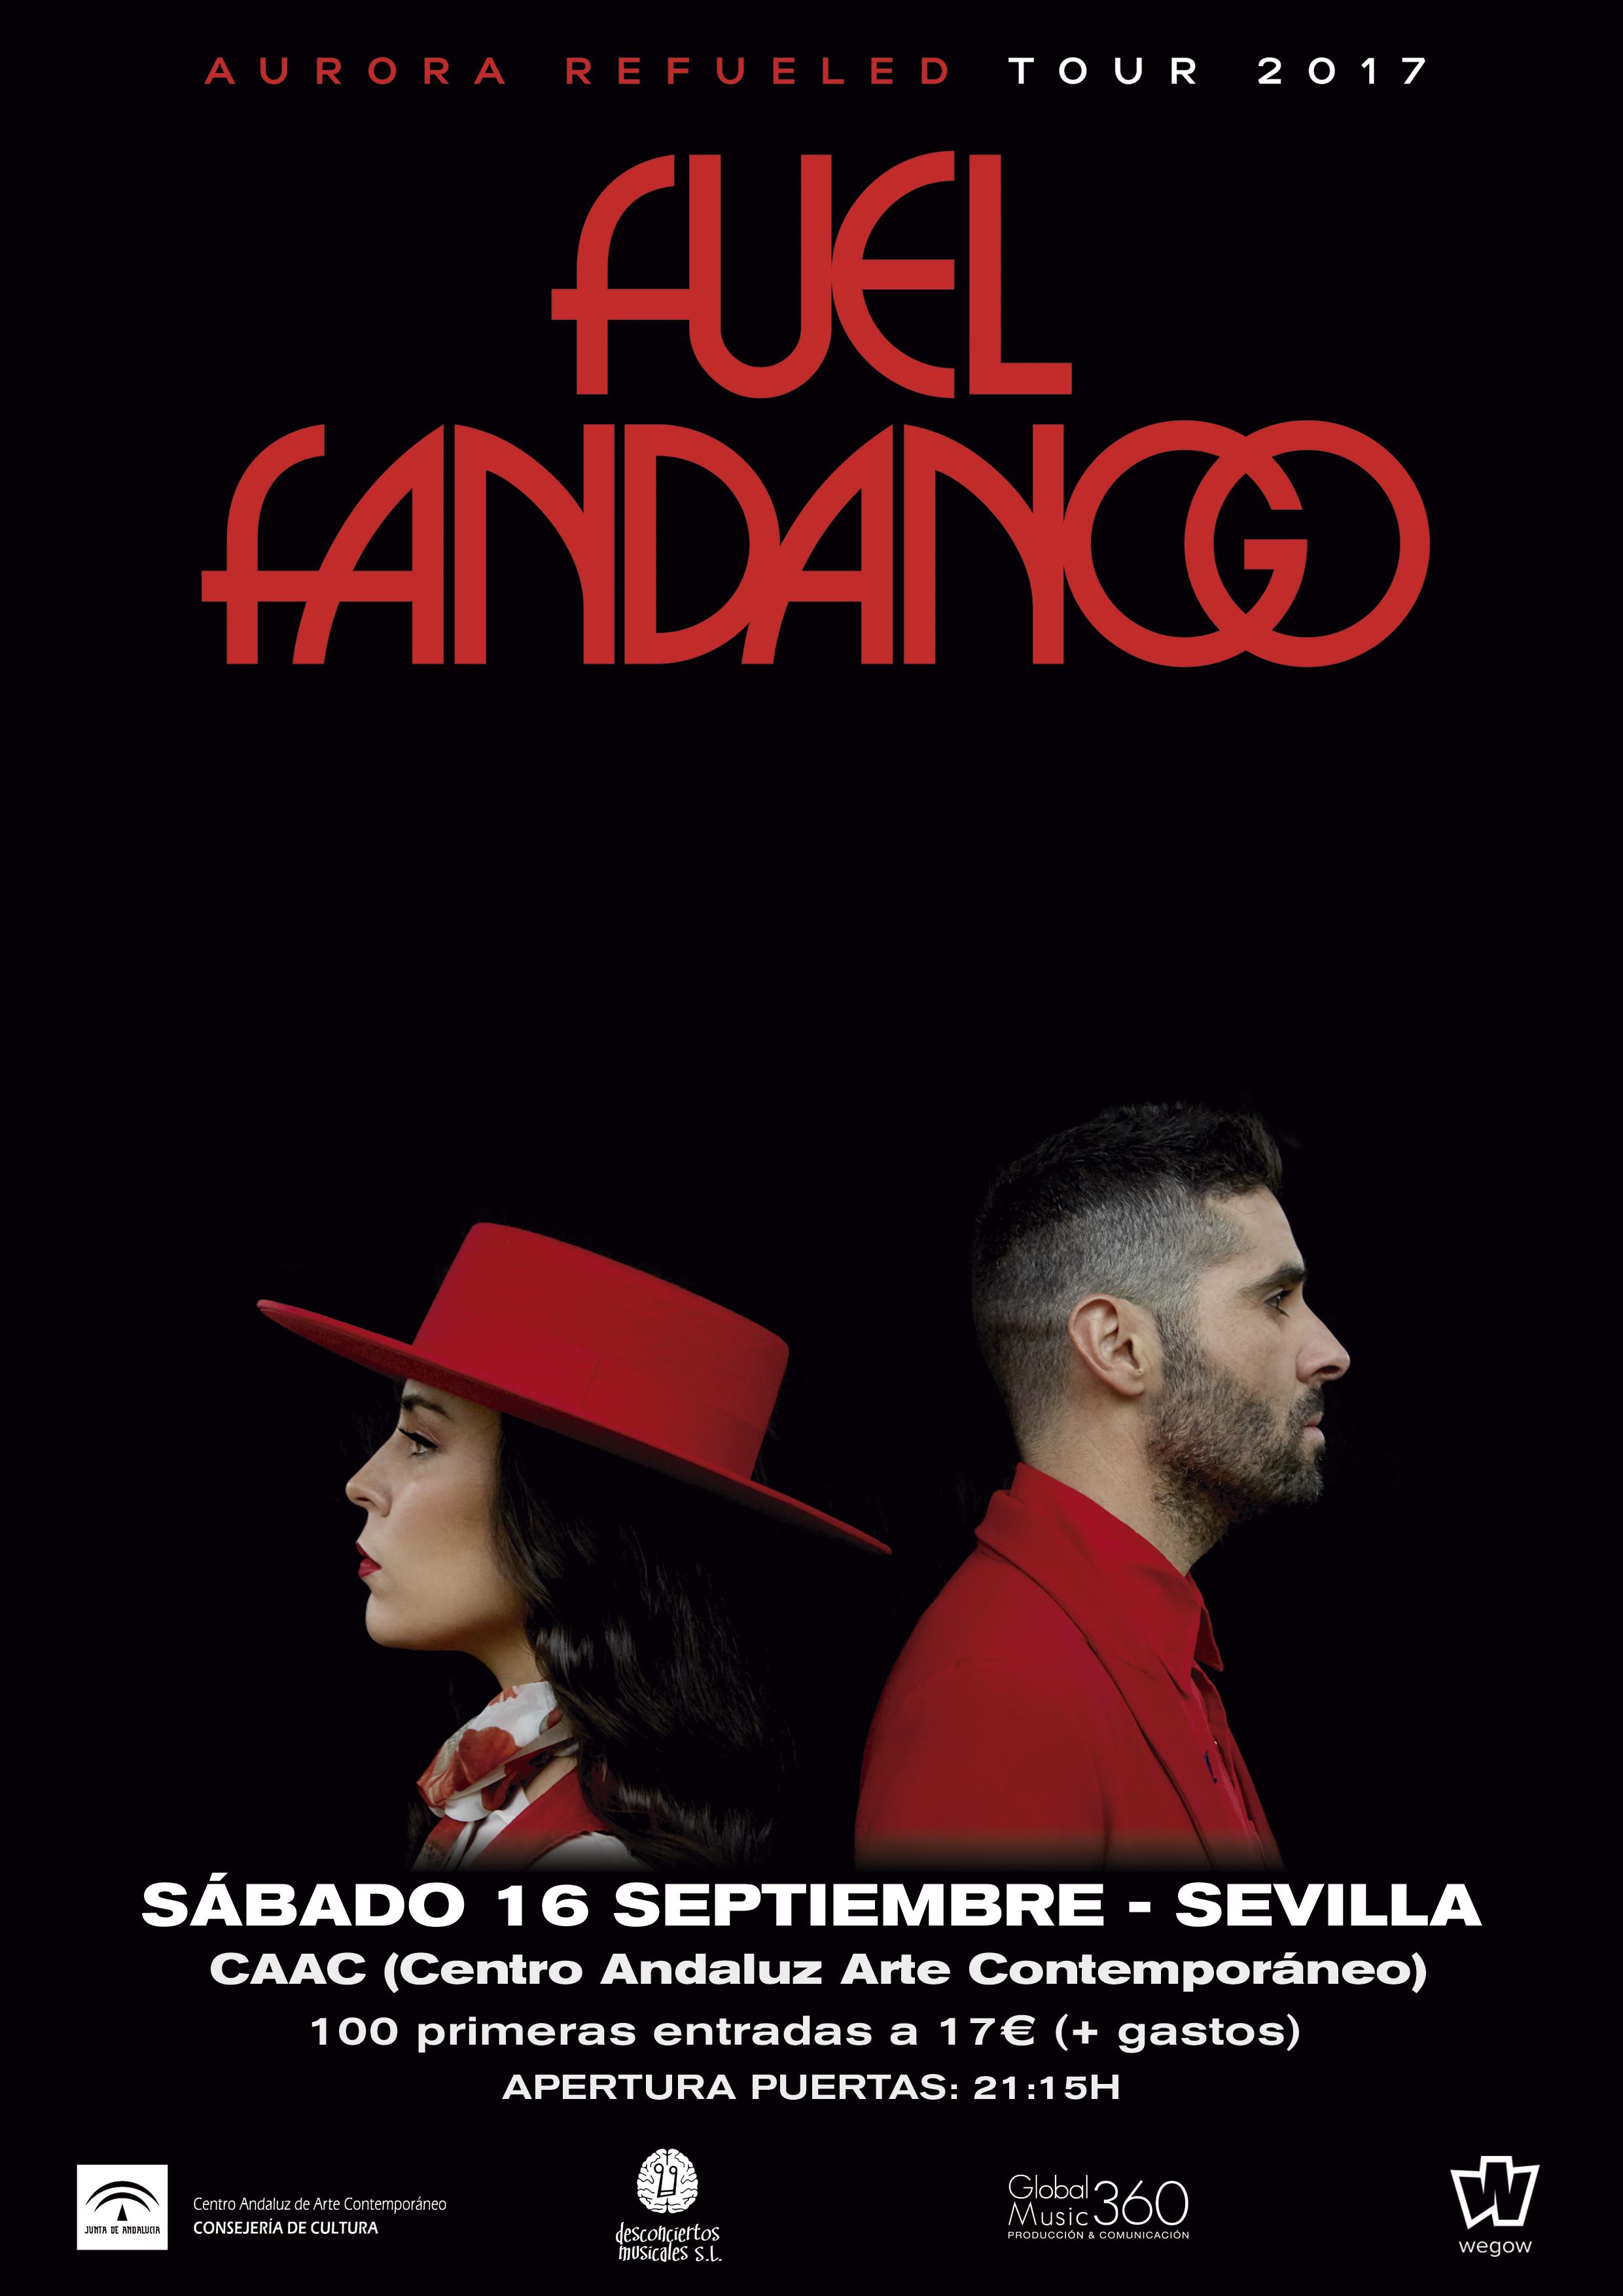 Fuel Fandango en Sevilla